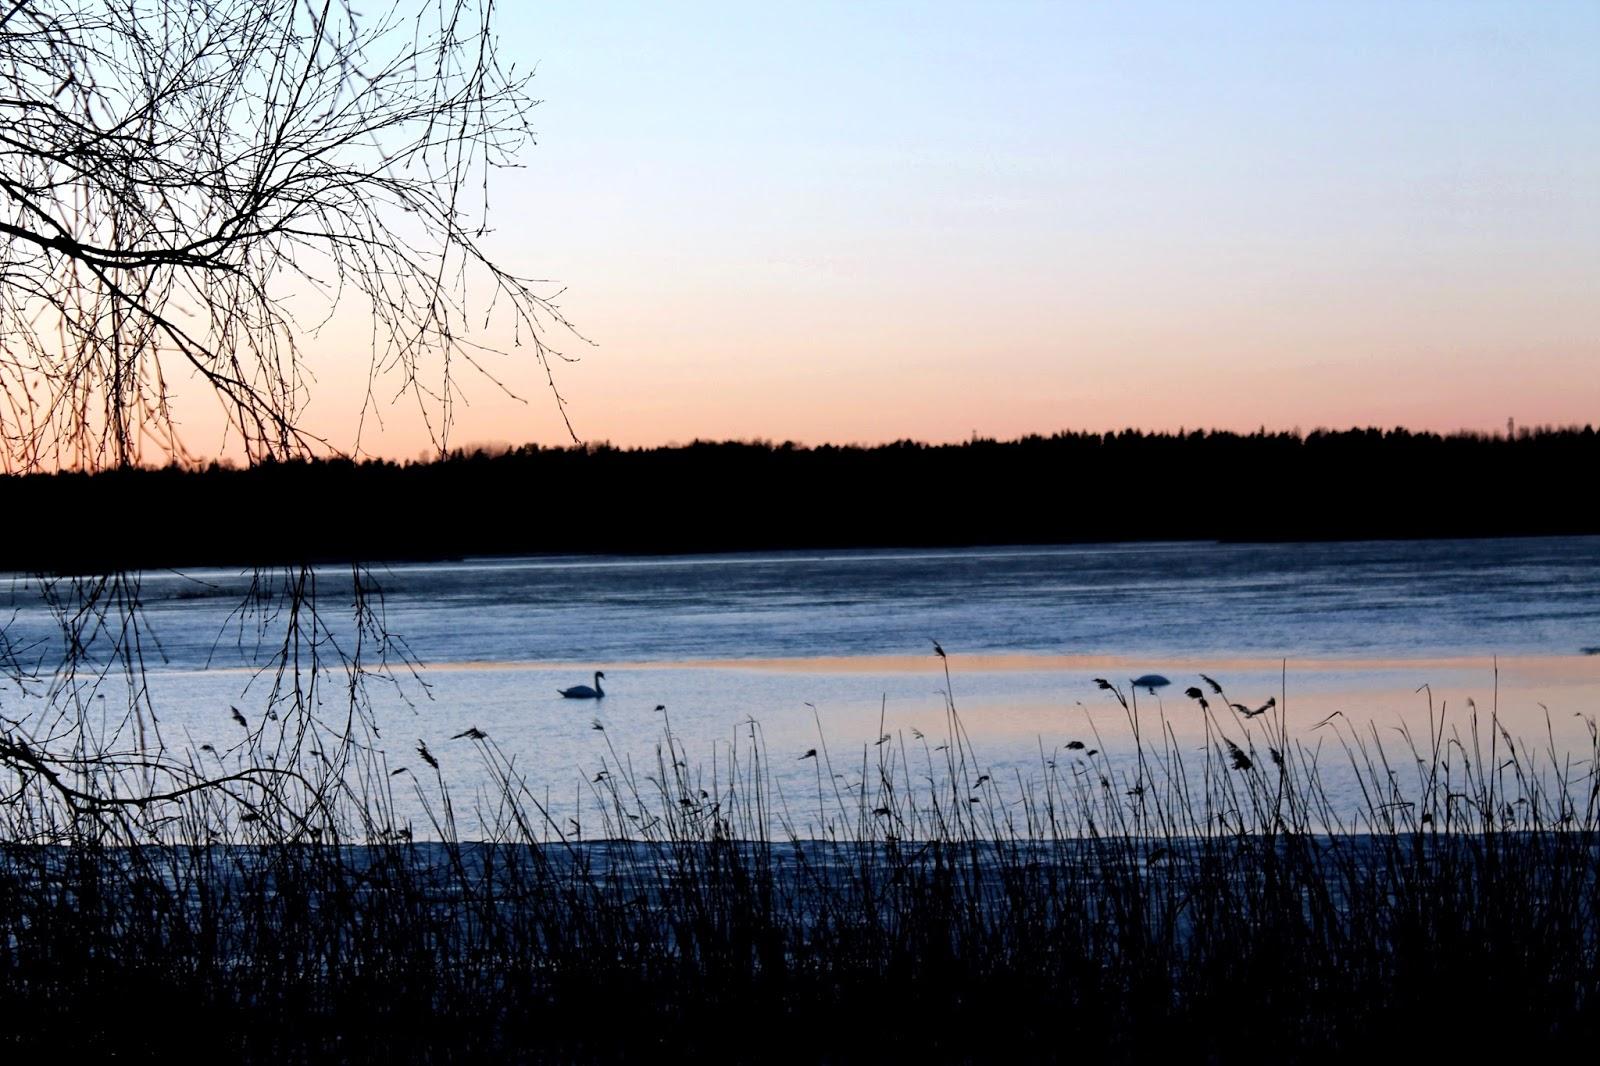 swan, swans, bird, lake, sea, strand, beach, ranta, meri, järvi, joutsen, joutsenet, tree, ice, cold, evening, sunset, winter, spring, autumn, ilta, auringonlasku, talvi, kevät, syksy